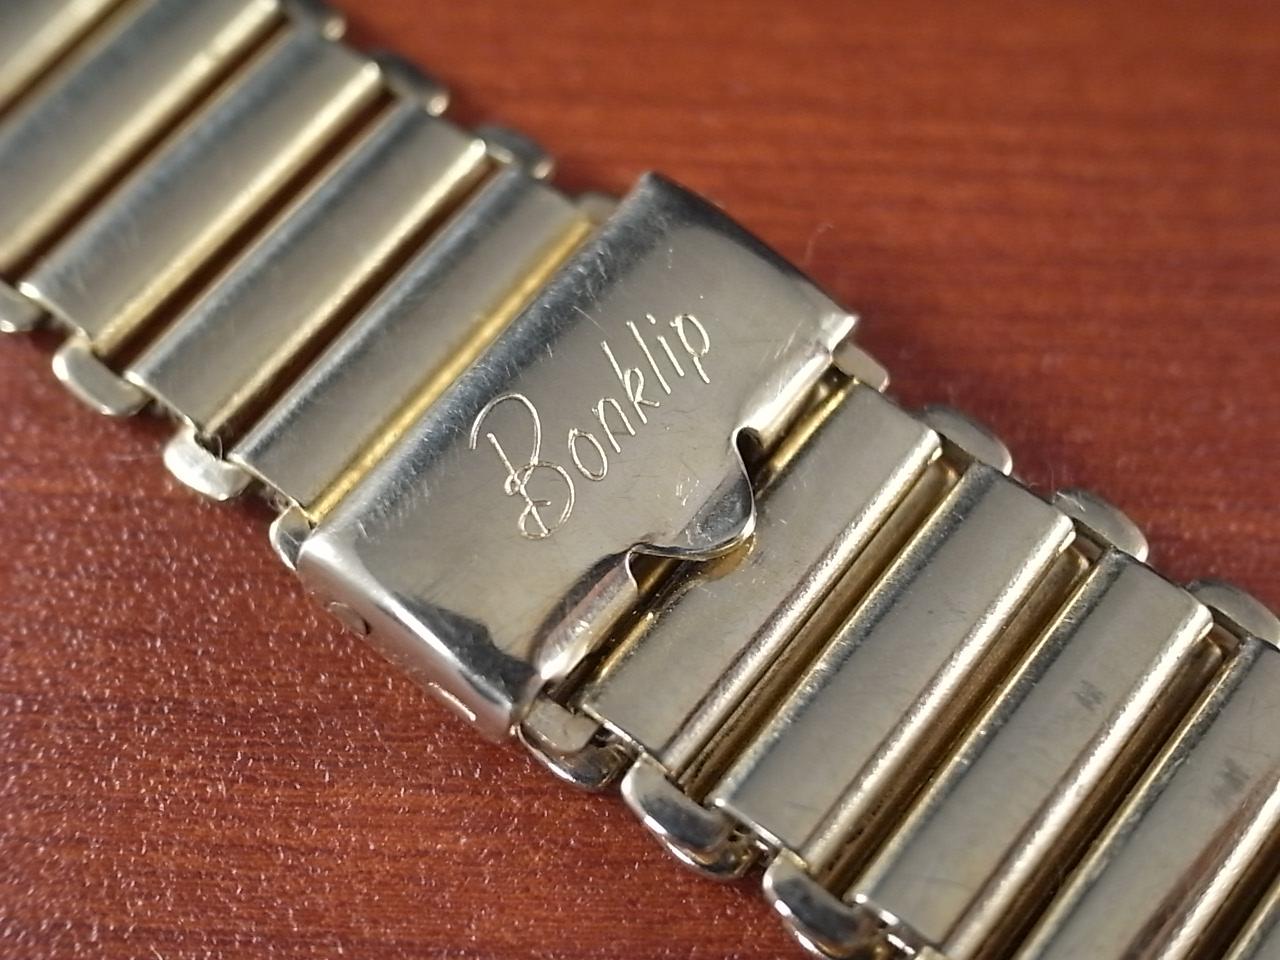 ボンクリップ バンブーブレス GP 筆記体ロゴ 13㎜タイプ 16㎜ BONKLIPの写真2枚目